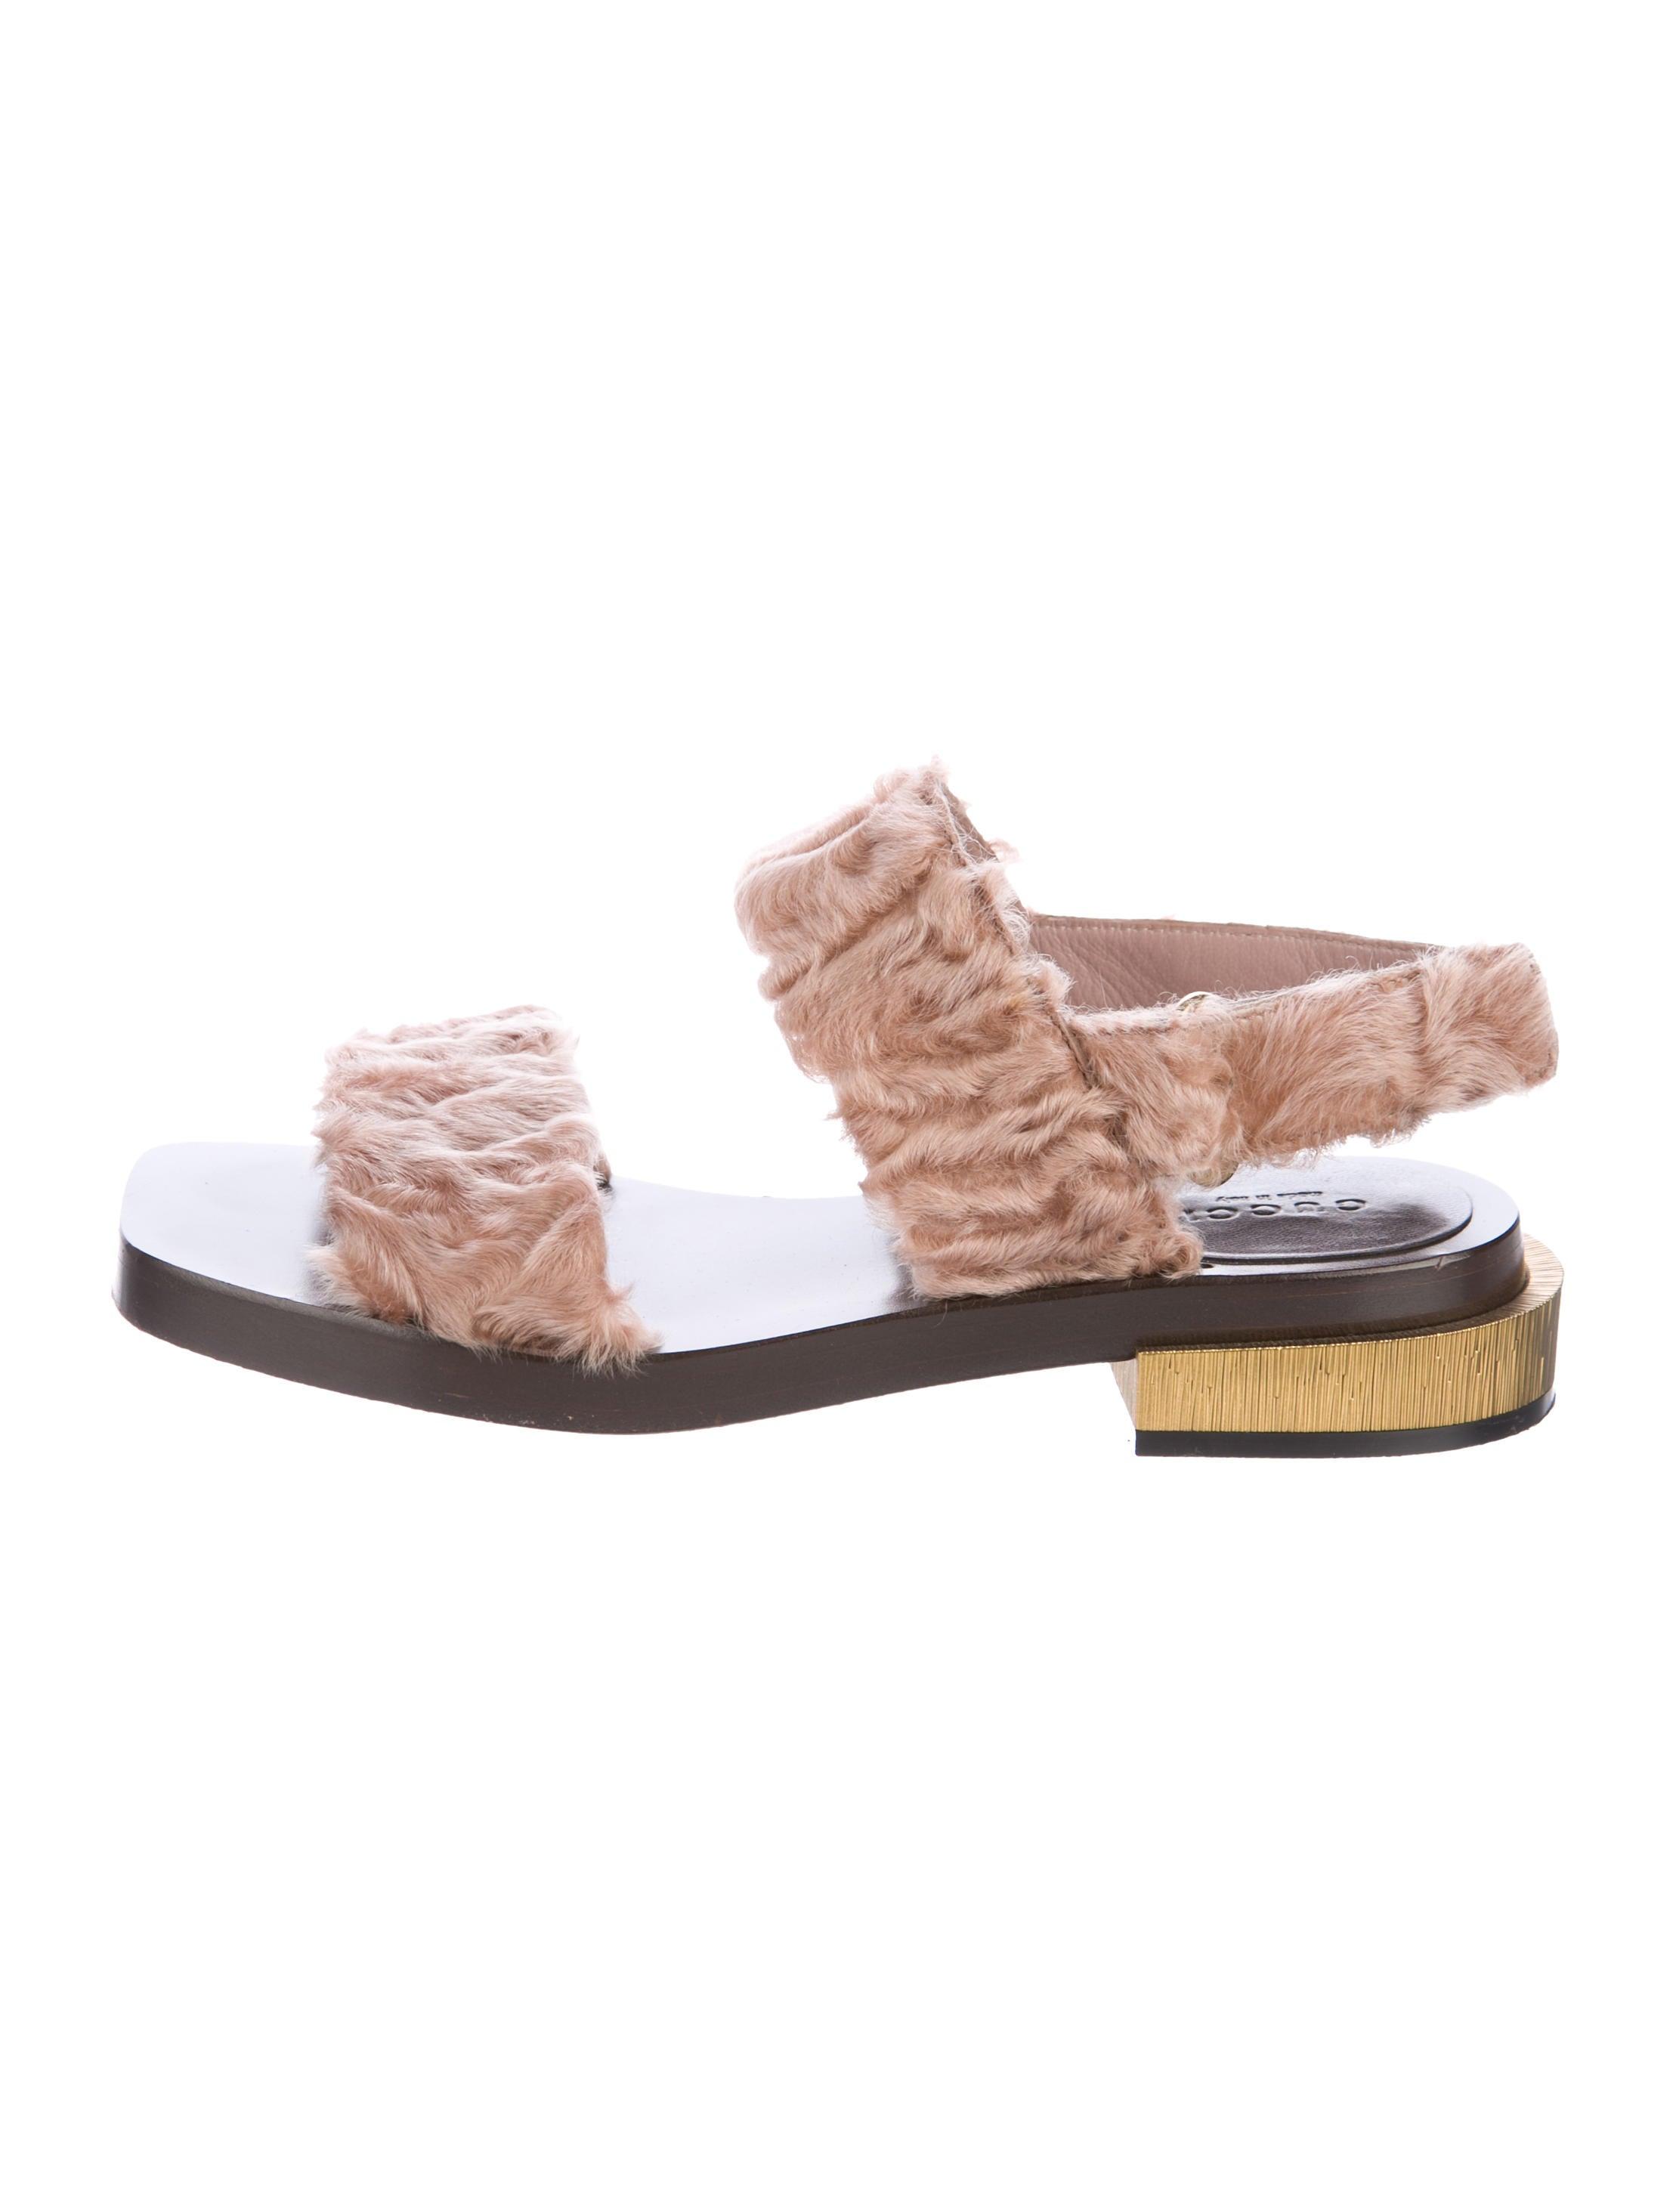 44060af8f Gucci 2017 Querelle Lamb Sandals - Shoes - GUC166079